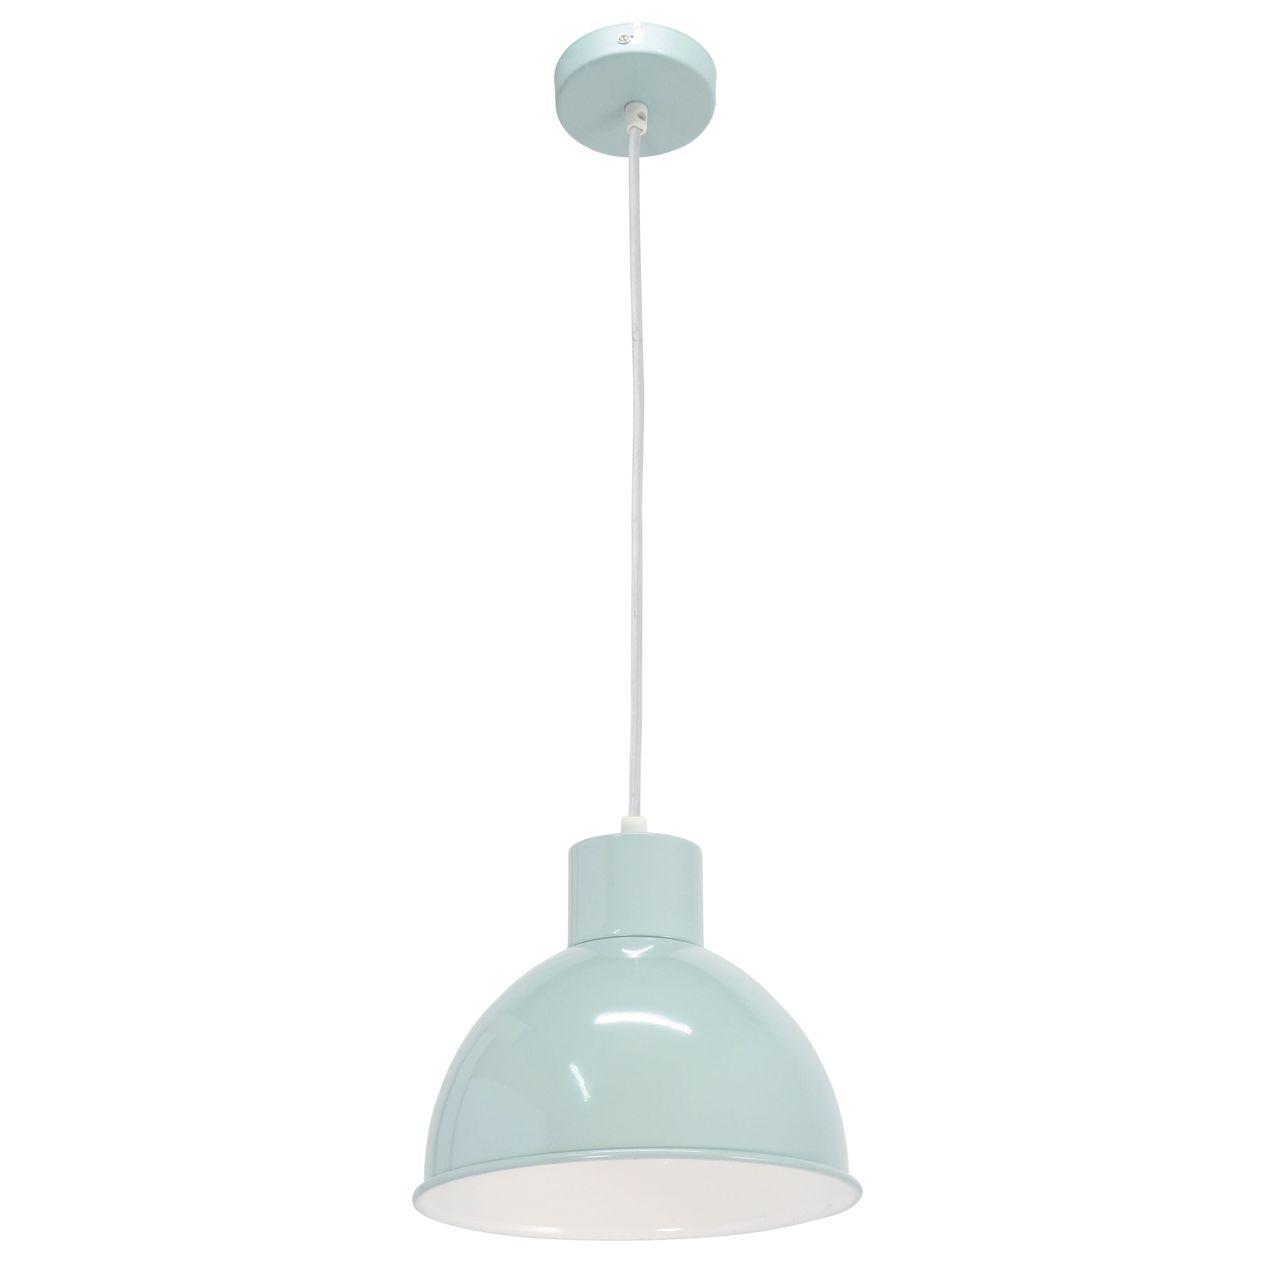 Подвесной светильник Eglo Vintage 49239 подвесной светильник eglo vintage 49224